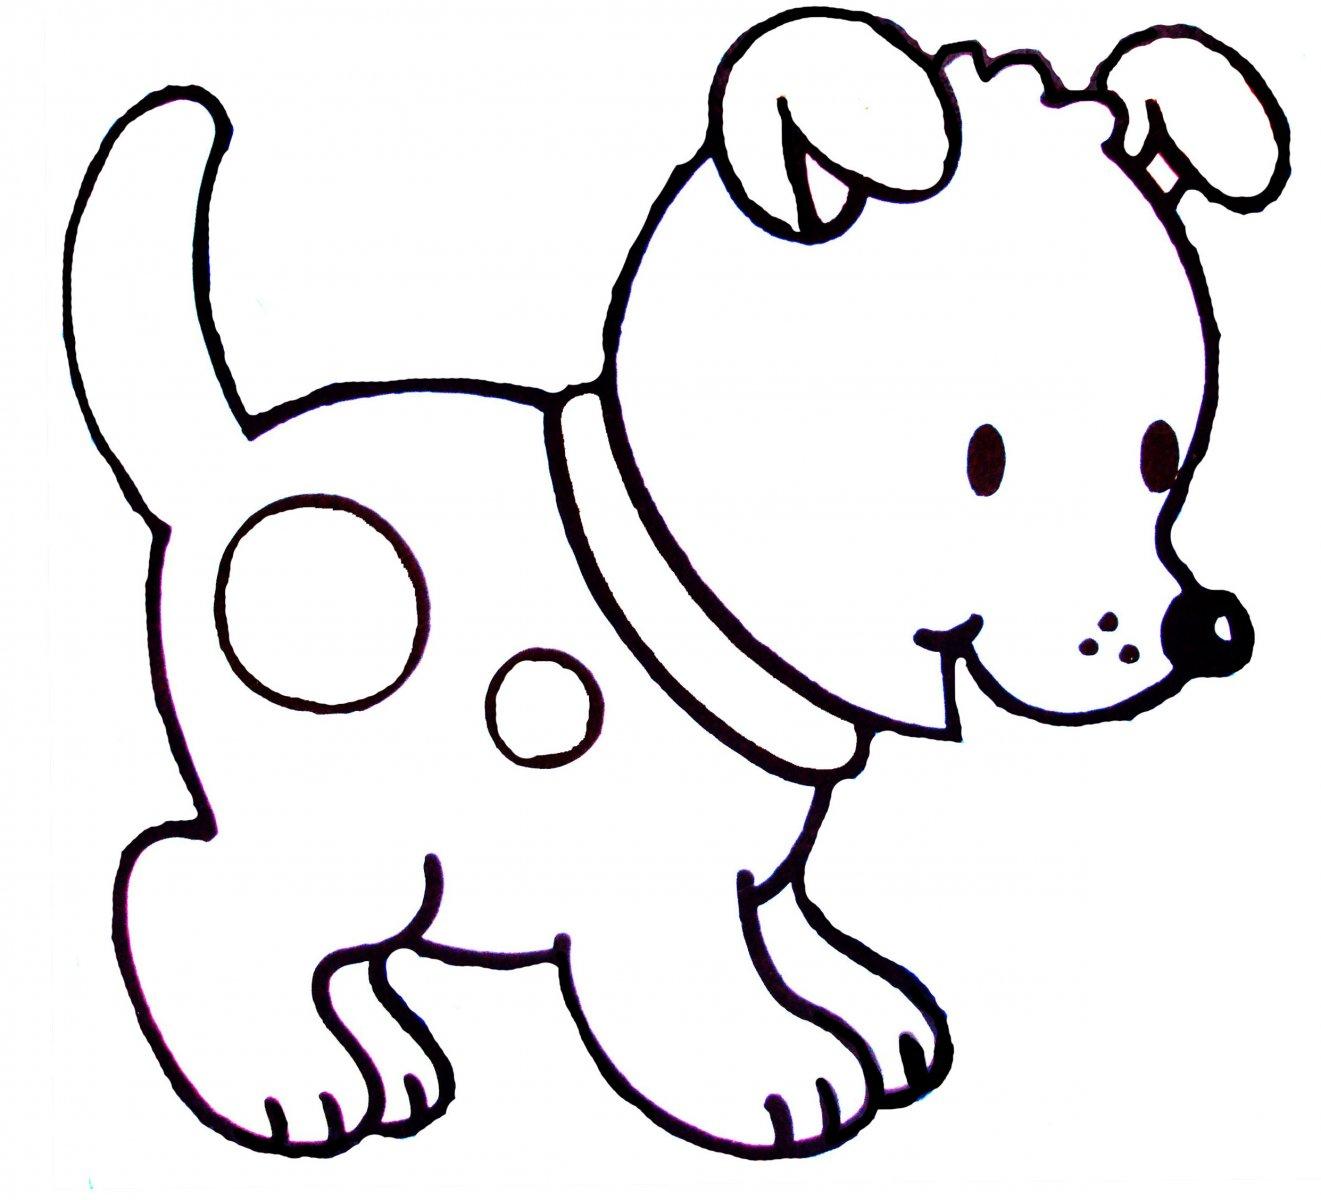 Dibujos de perros para colorear Dibujos de perros para colorear